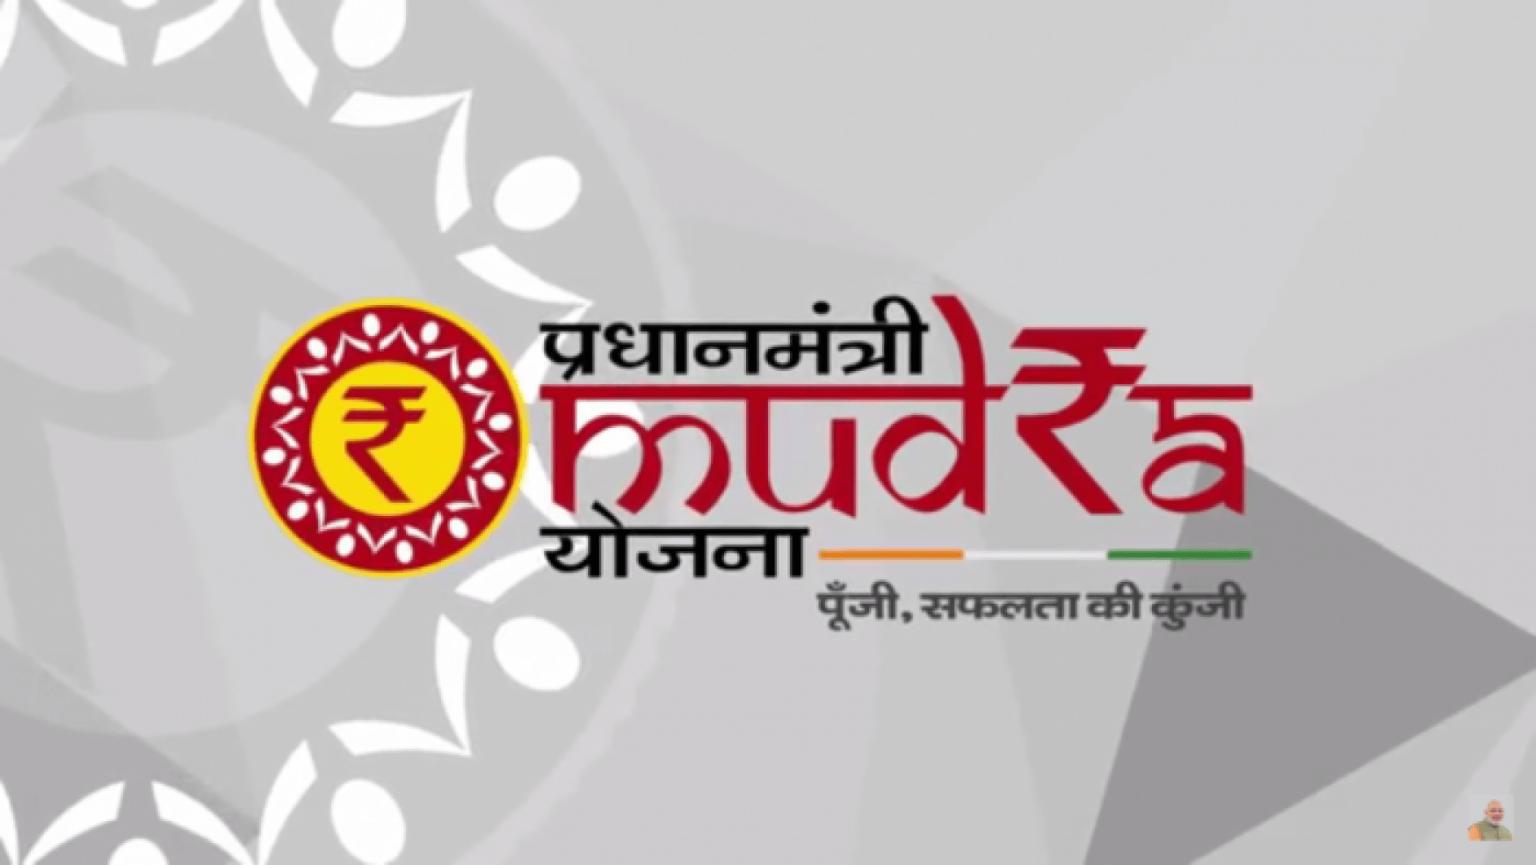 GoI cuts Mudra loans target to Rs 3 trillion in FY22| FY22 ൽ മുദ്ര വായ്പാ വിതരണ ലക്ഷ്യം 3 ട്രില്യൺ രൂപയായി സർക്കാർ വെട്ടിക്കുറച്ചു_40.1